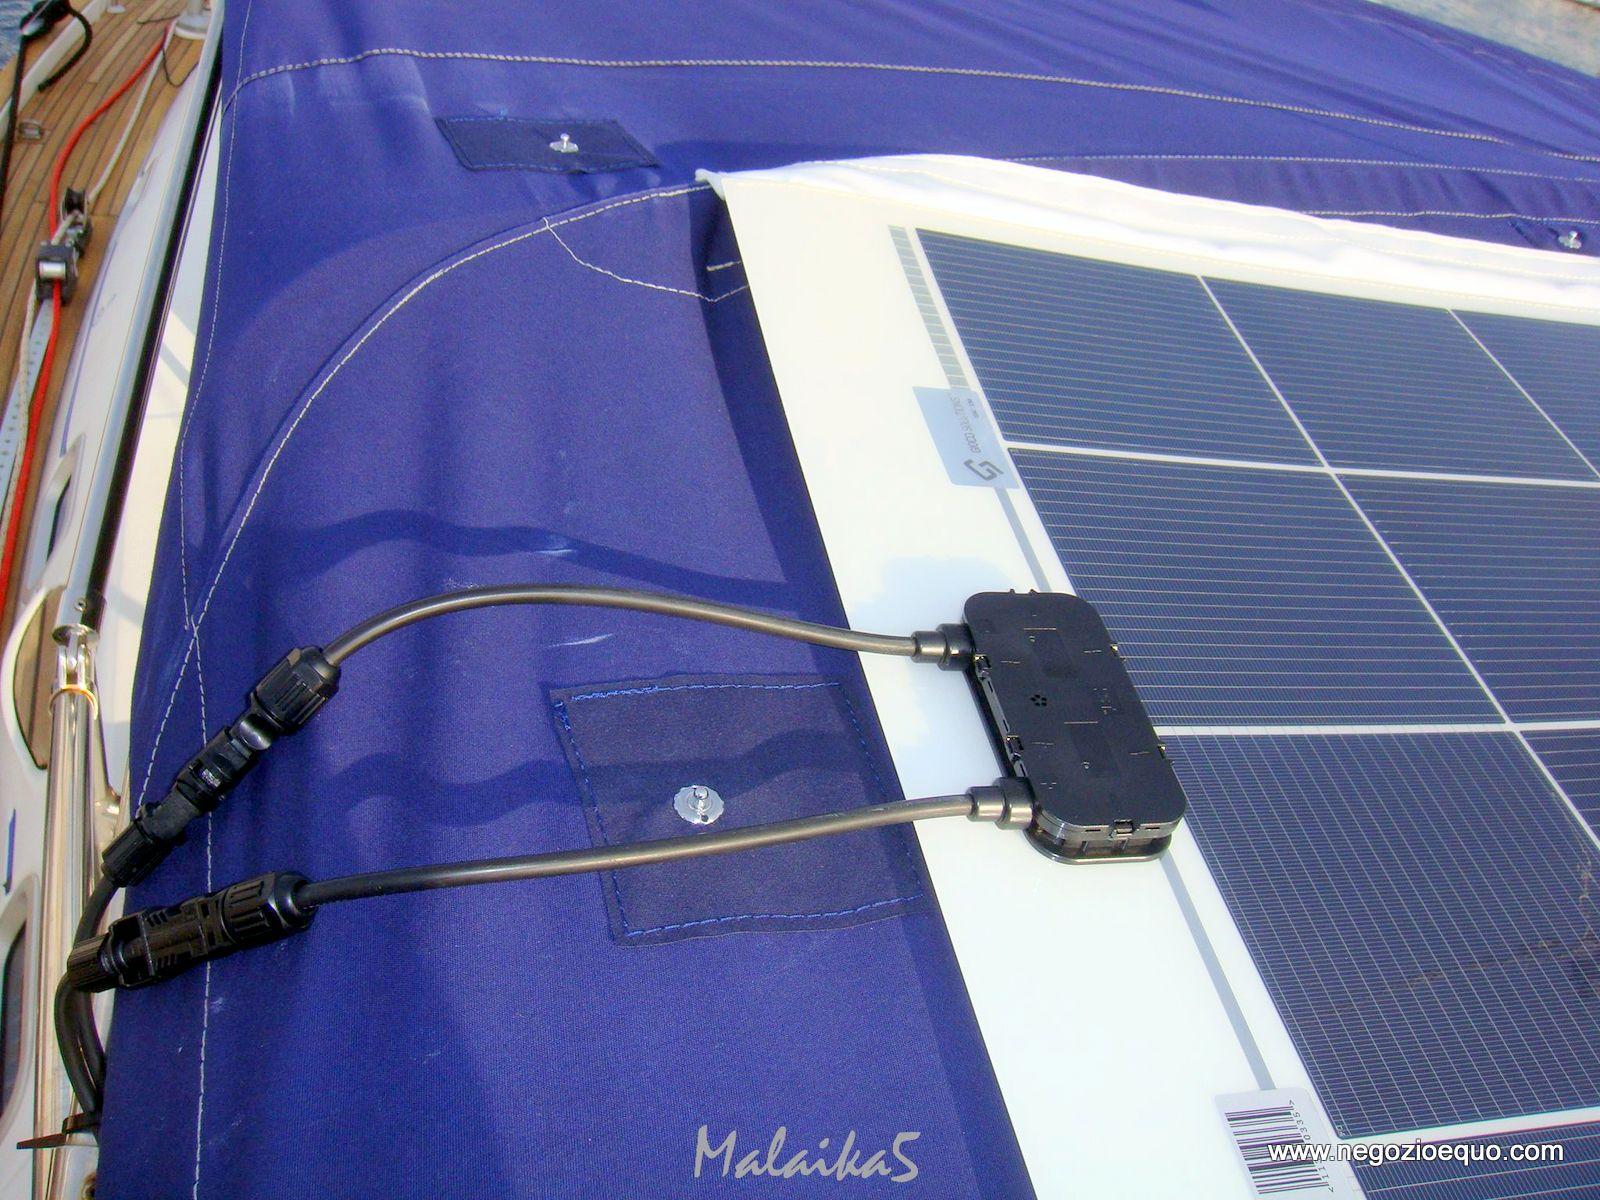 Pannello Solare Per Ebike : Come installare un pannello solare flessibile negozio equo